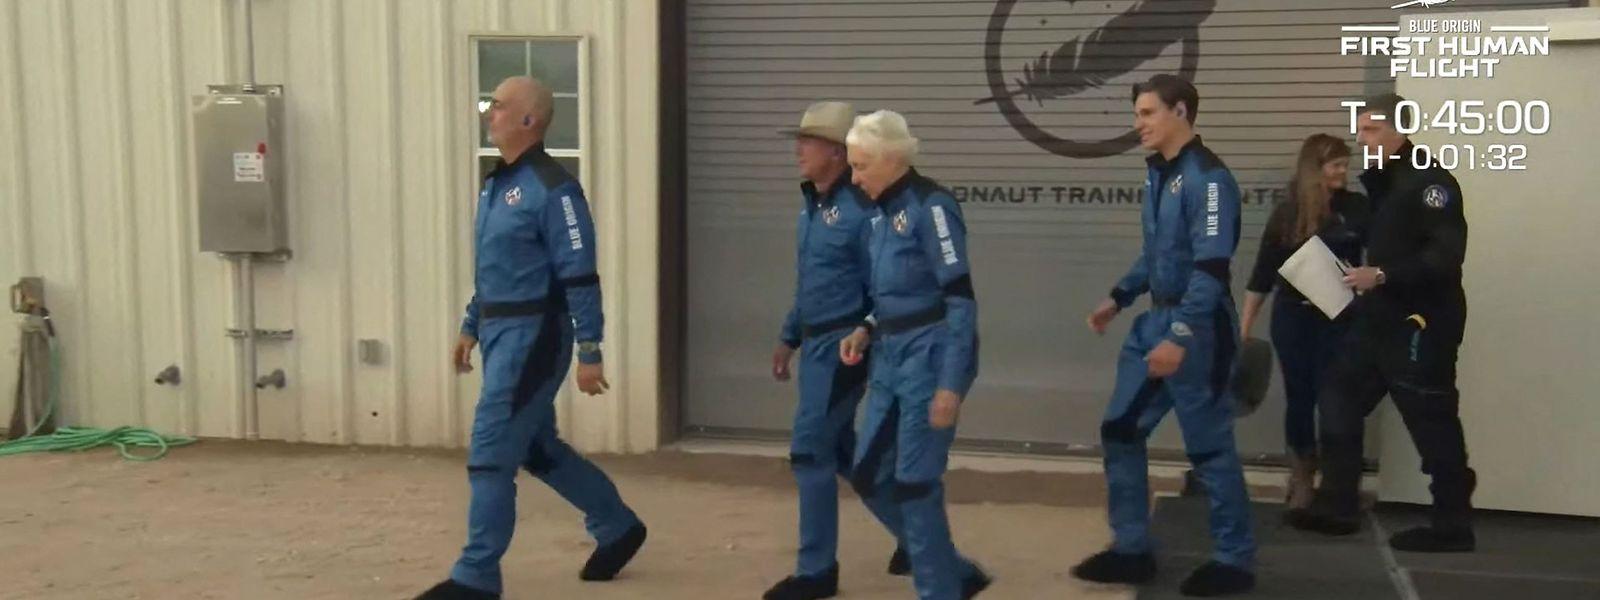 """Mark Bezos, Jeff Bezos,  Wally Funk and Oliver Daemen auf ihrem Weg zur """"New Shepard""""."""